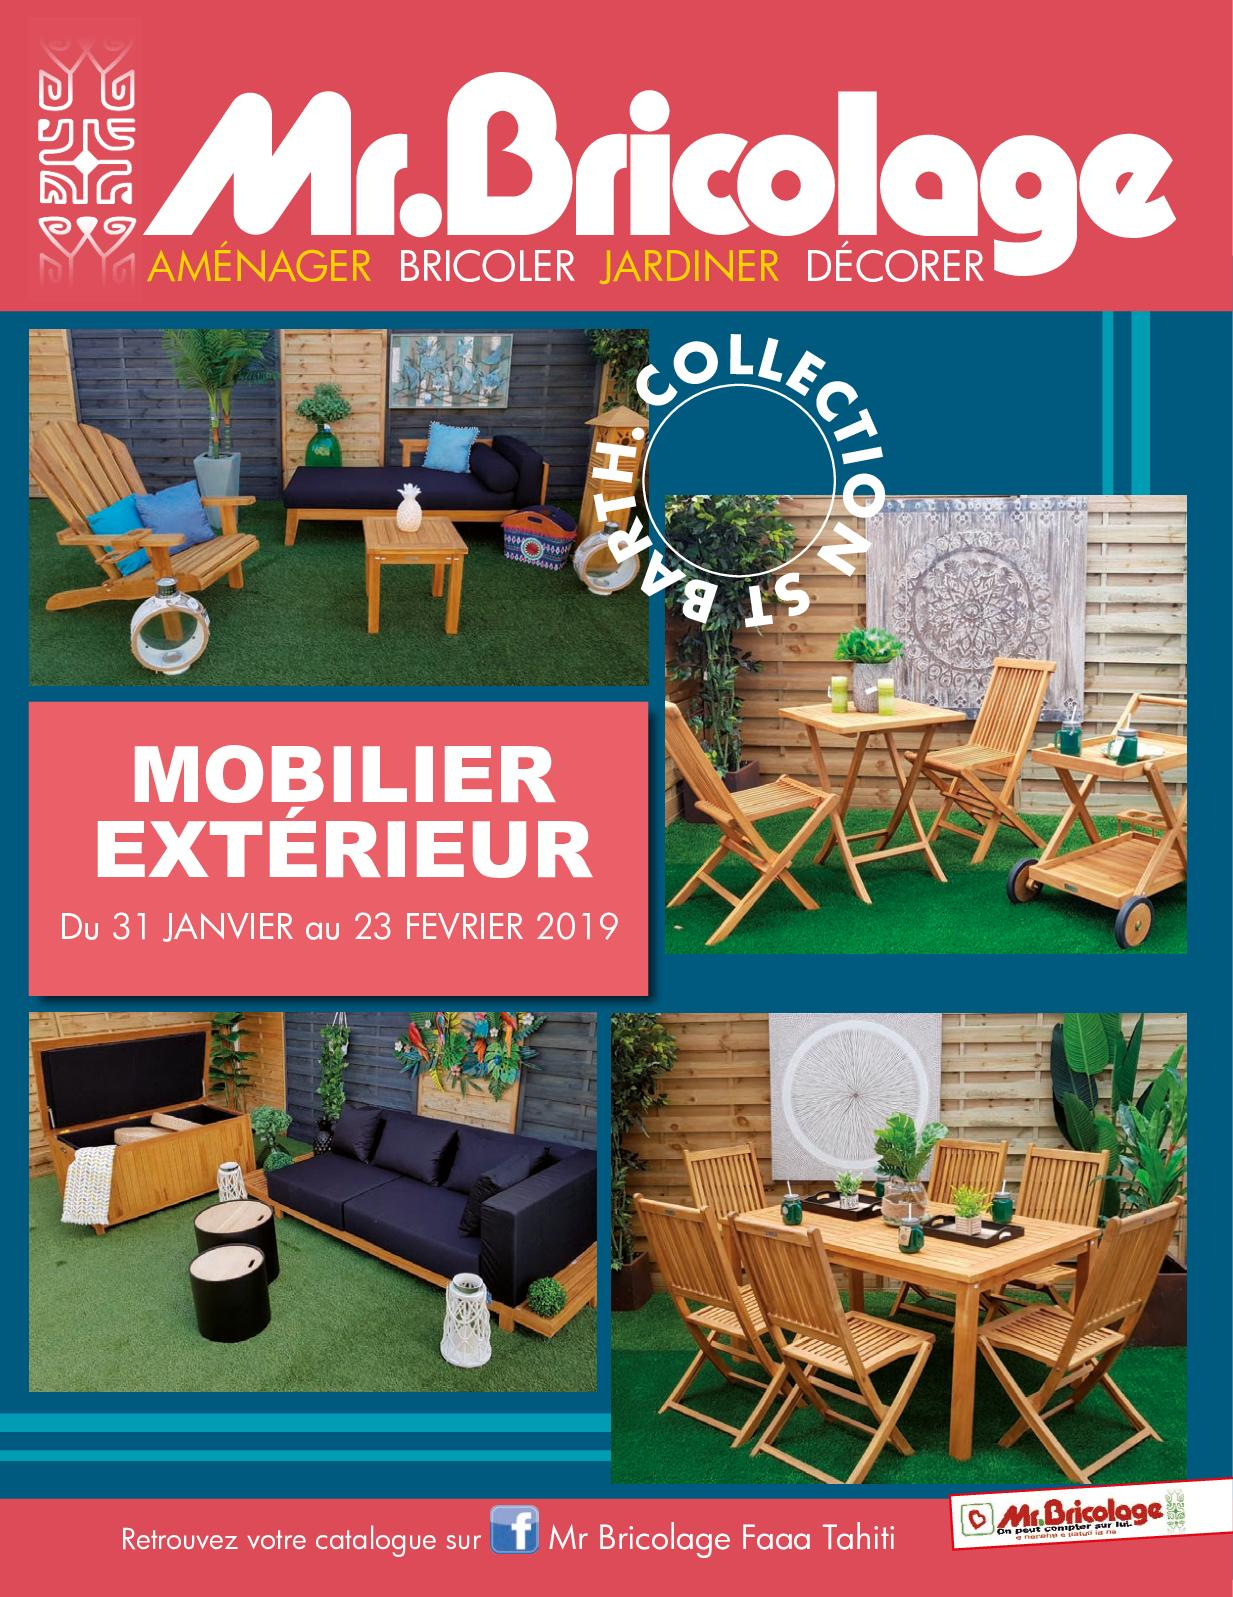 Calaméo - Mr Bricolage Mobilier intérieur Salon De Jardin Monsieur Bricolage